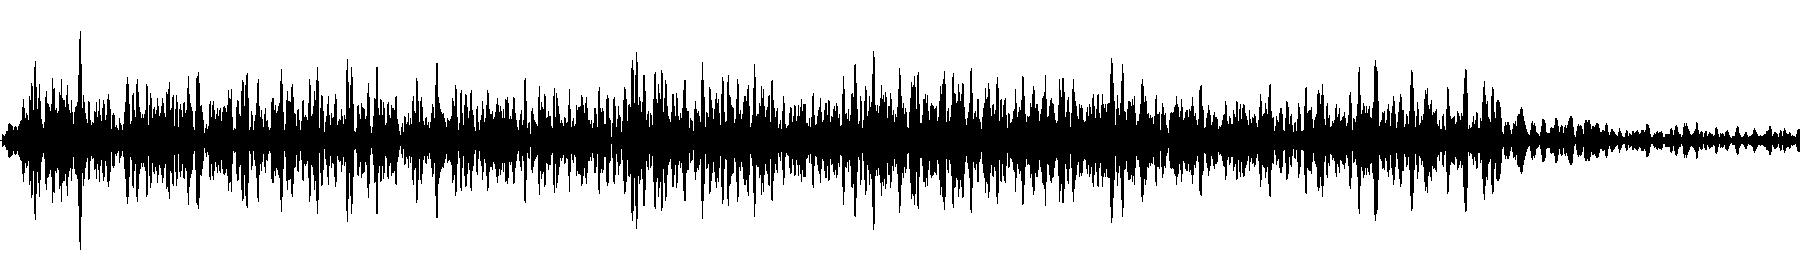 vedh synth cut 219 bm